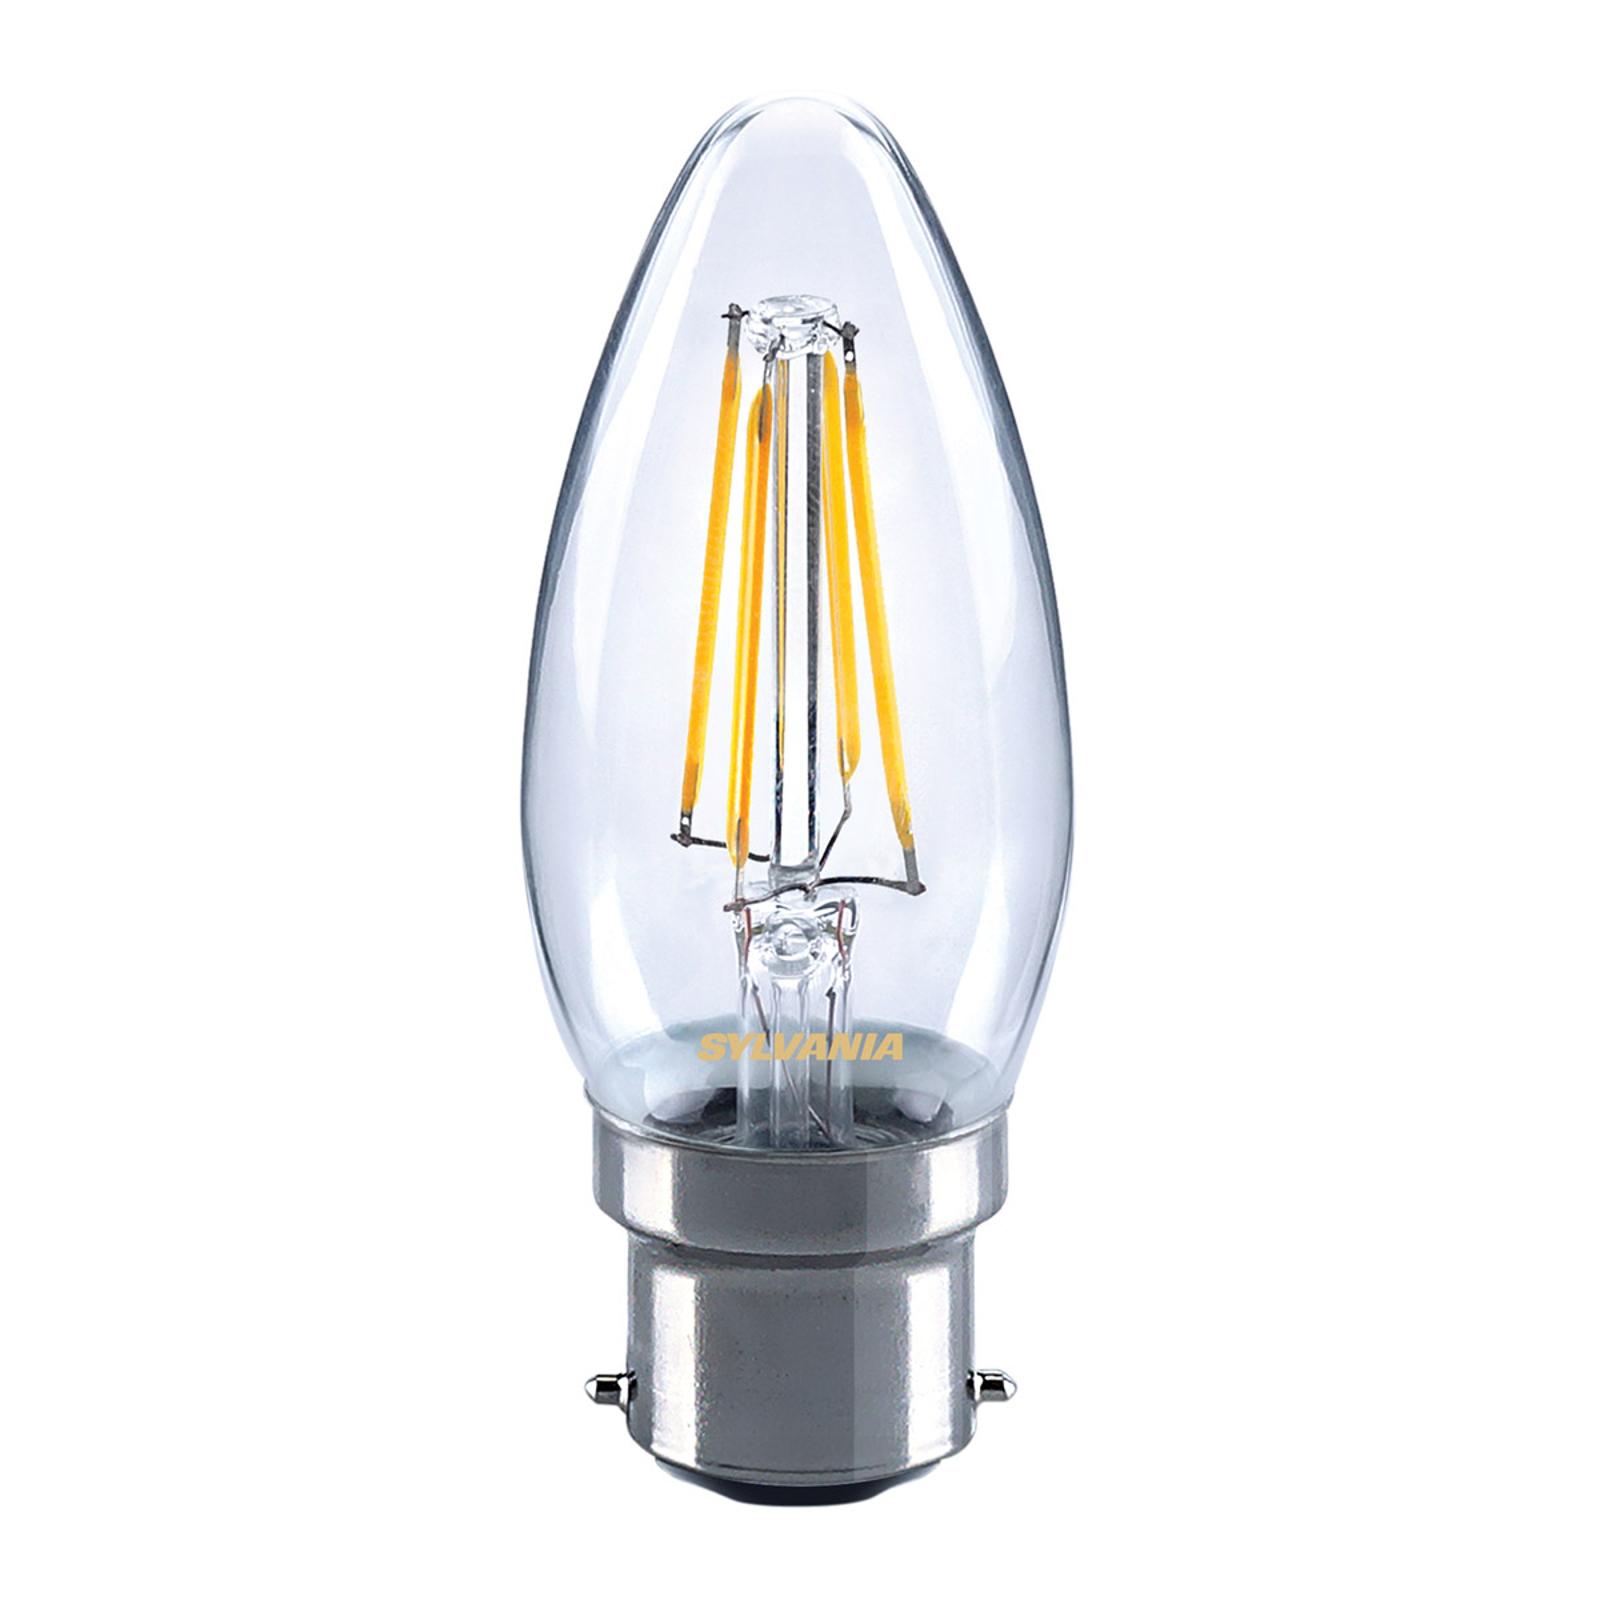 LED-Kerzenlampe B22 4,5W 827 klar